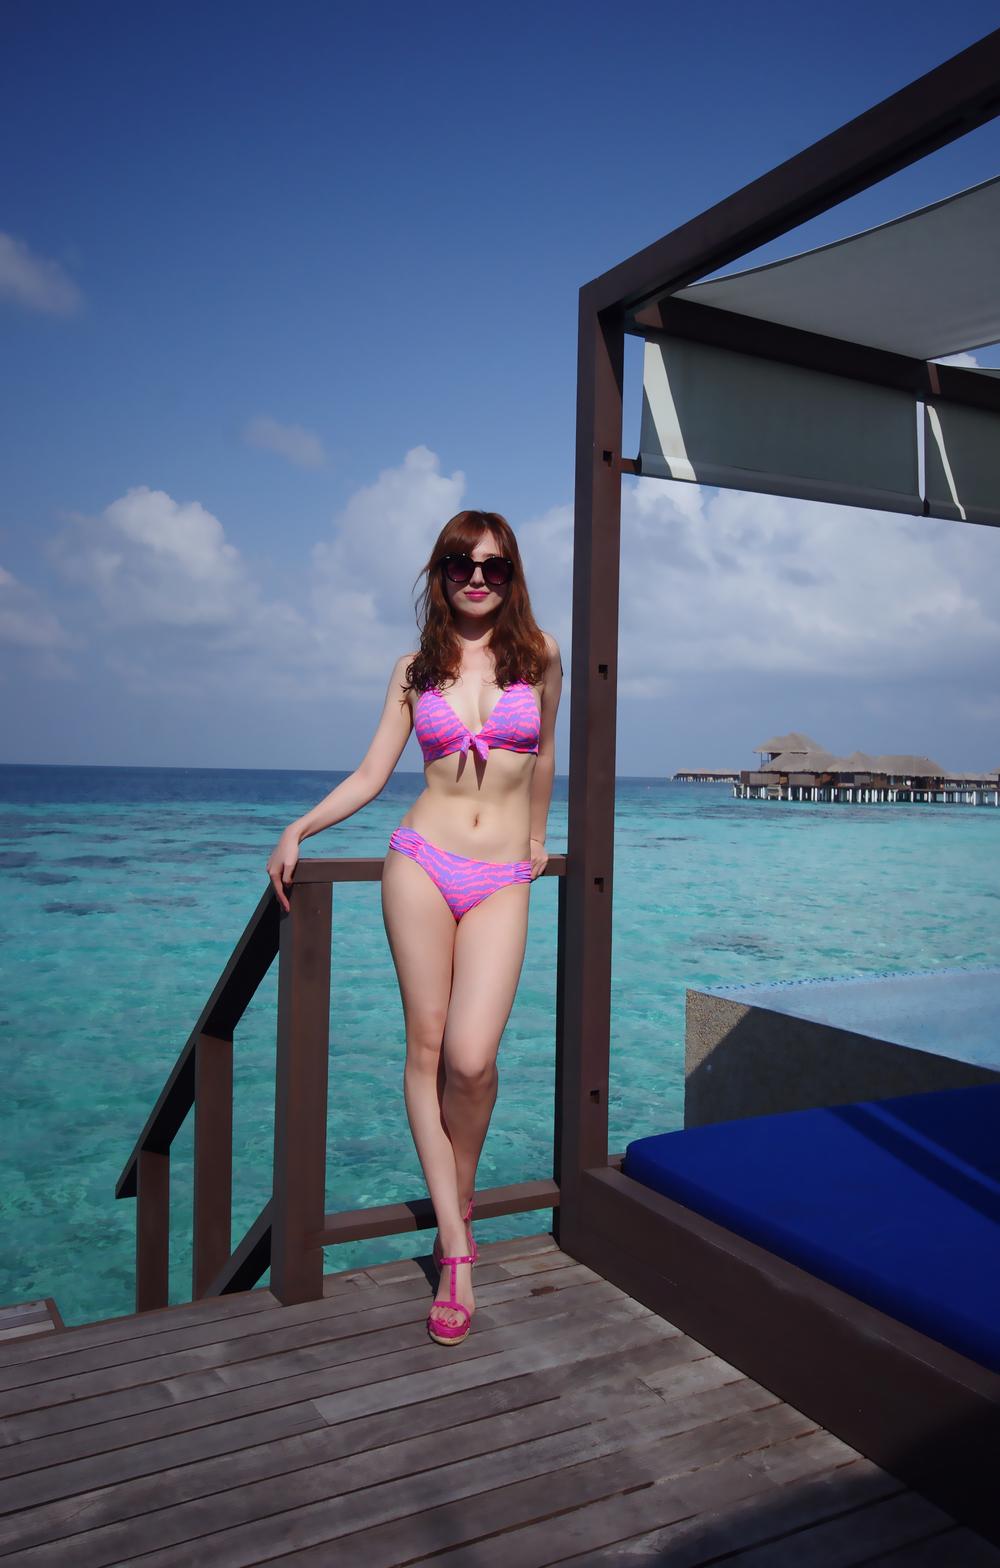 马尔代夫双岛游cocobh+jv岛百张美图比基尼大放送!